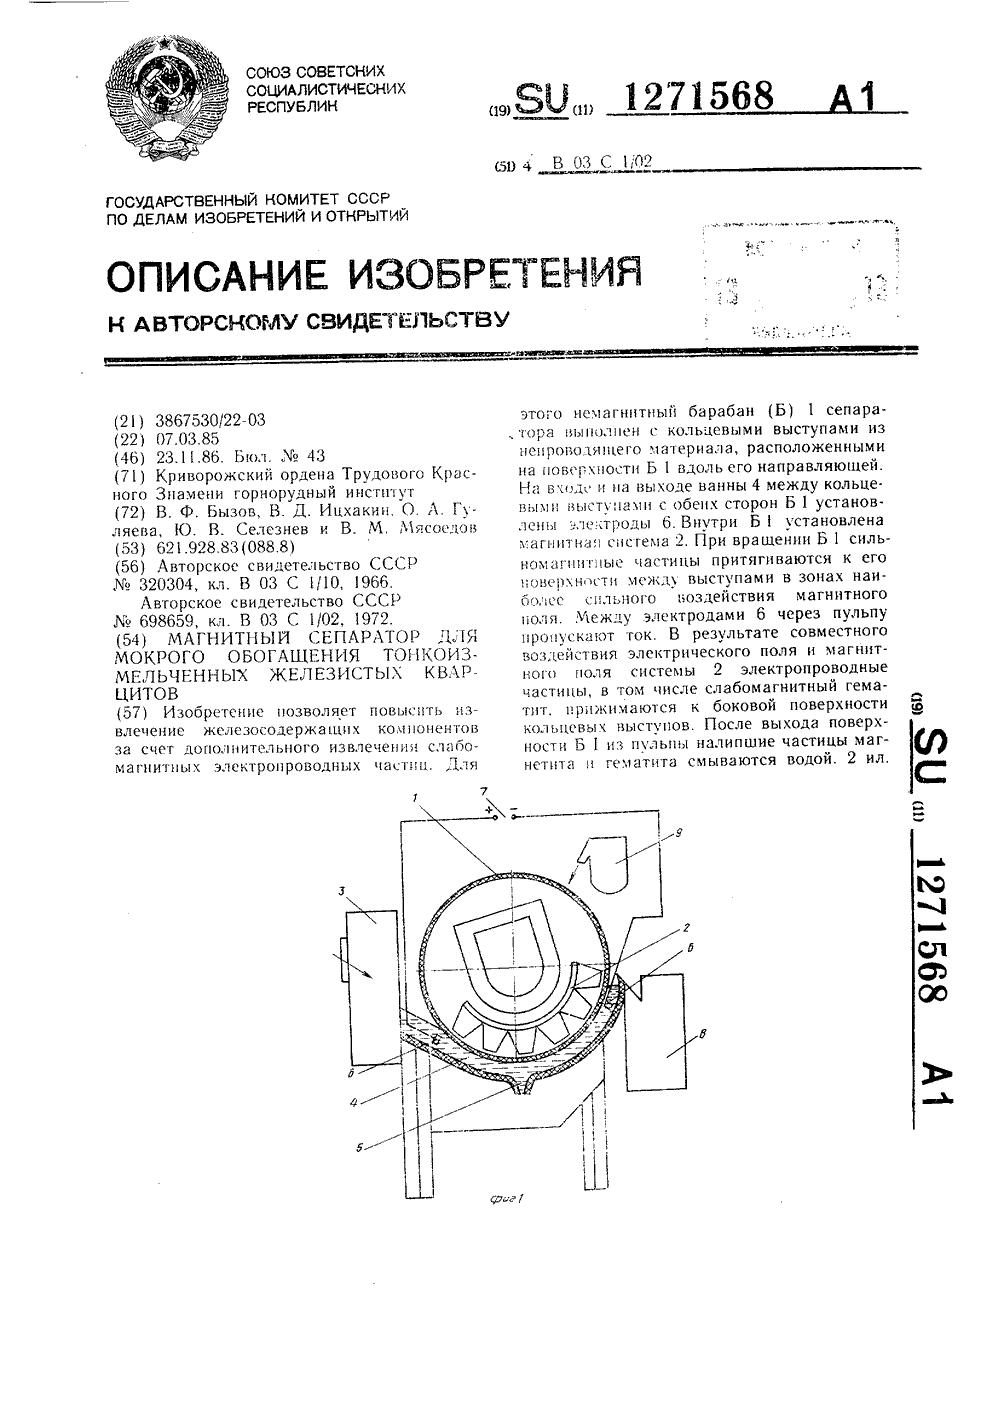 сепаратор мокрого обогащения схема